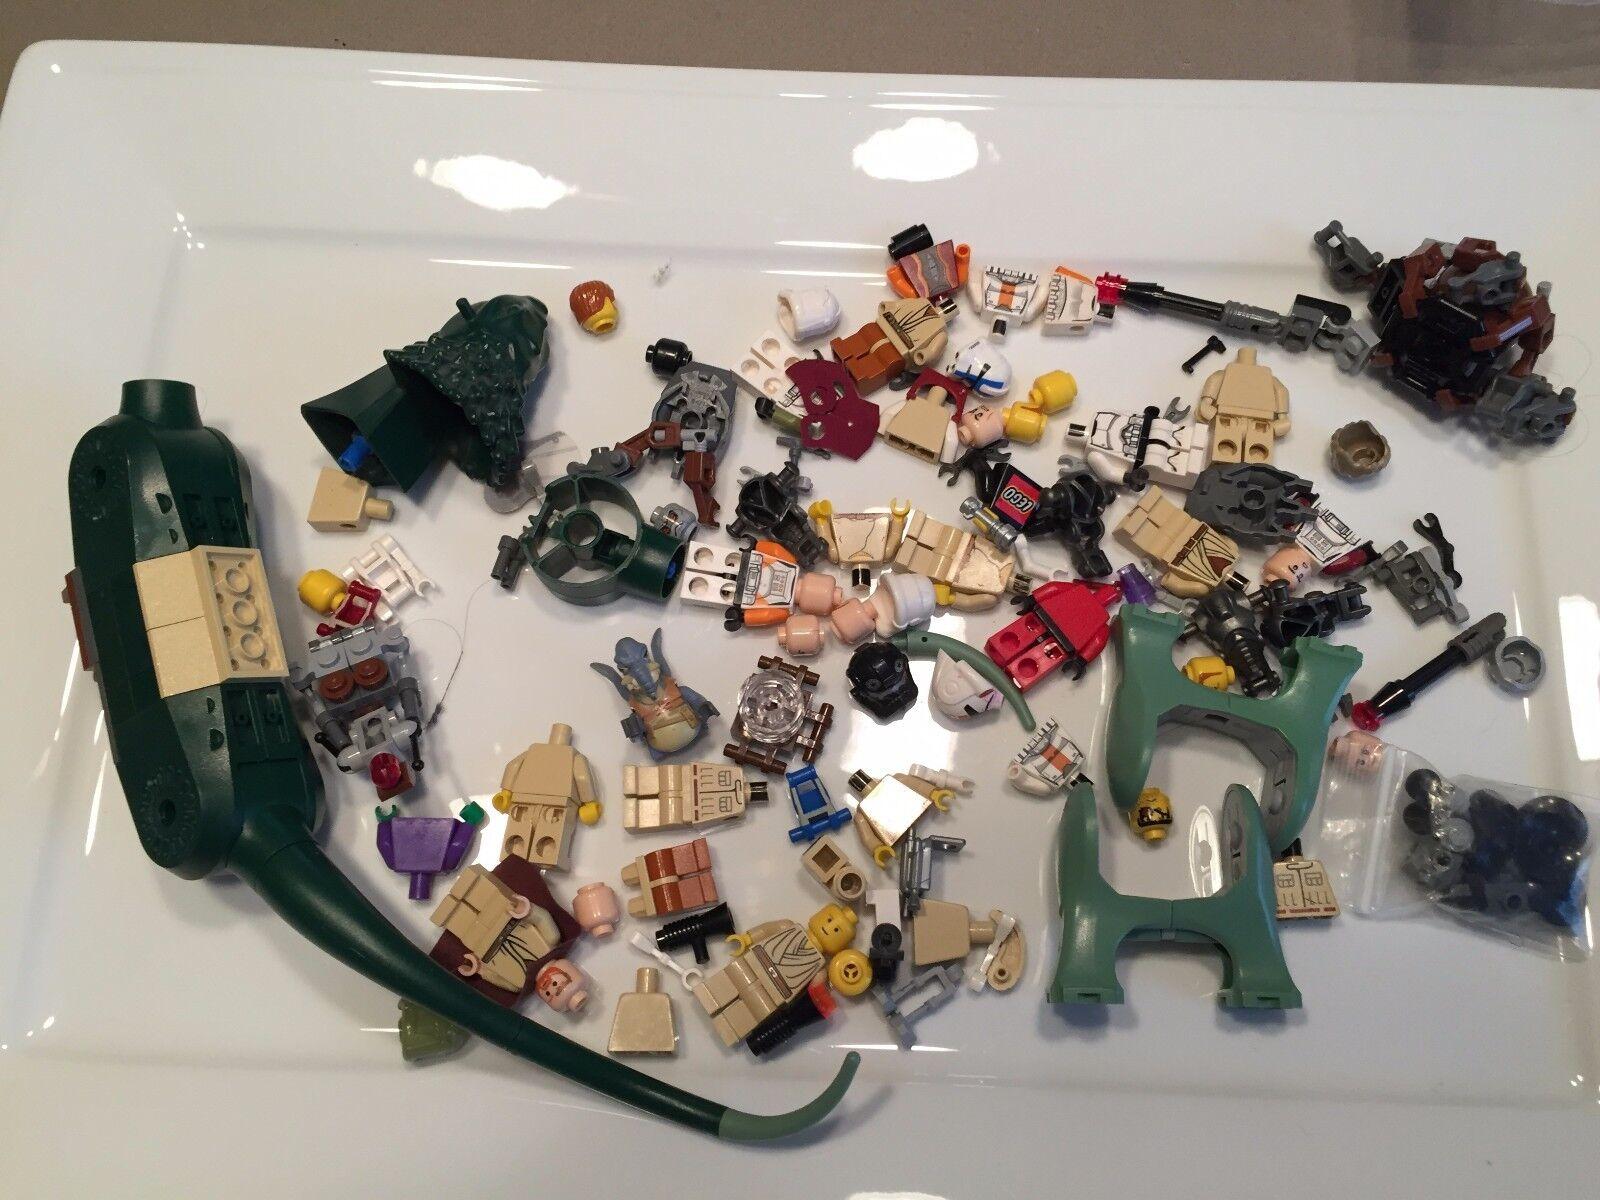 8 Ounces Lego Star Wars Minifig parts Pound Boga 1/2 Pound parts minifigures Lot S338 ac2d45